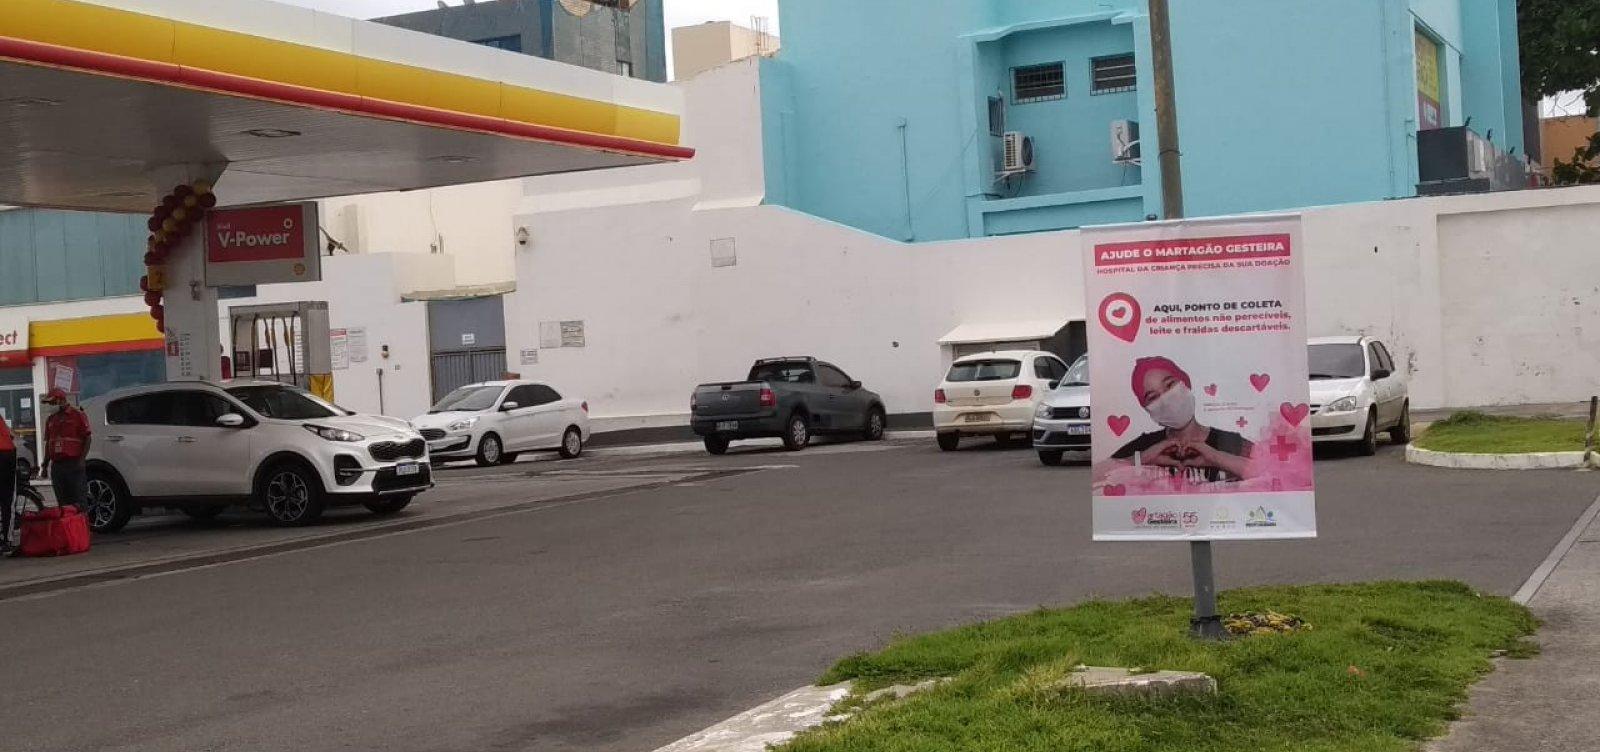 [Postos de combustíveis arrecadam alimentos e fraldas para o Hospital Martagão Gesteira; veja como doar]